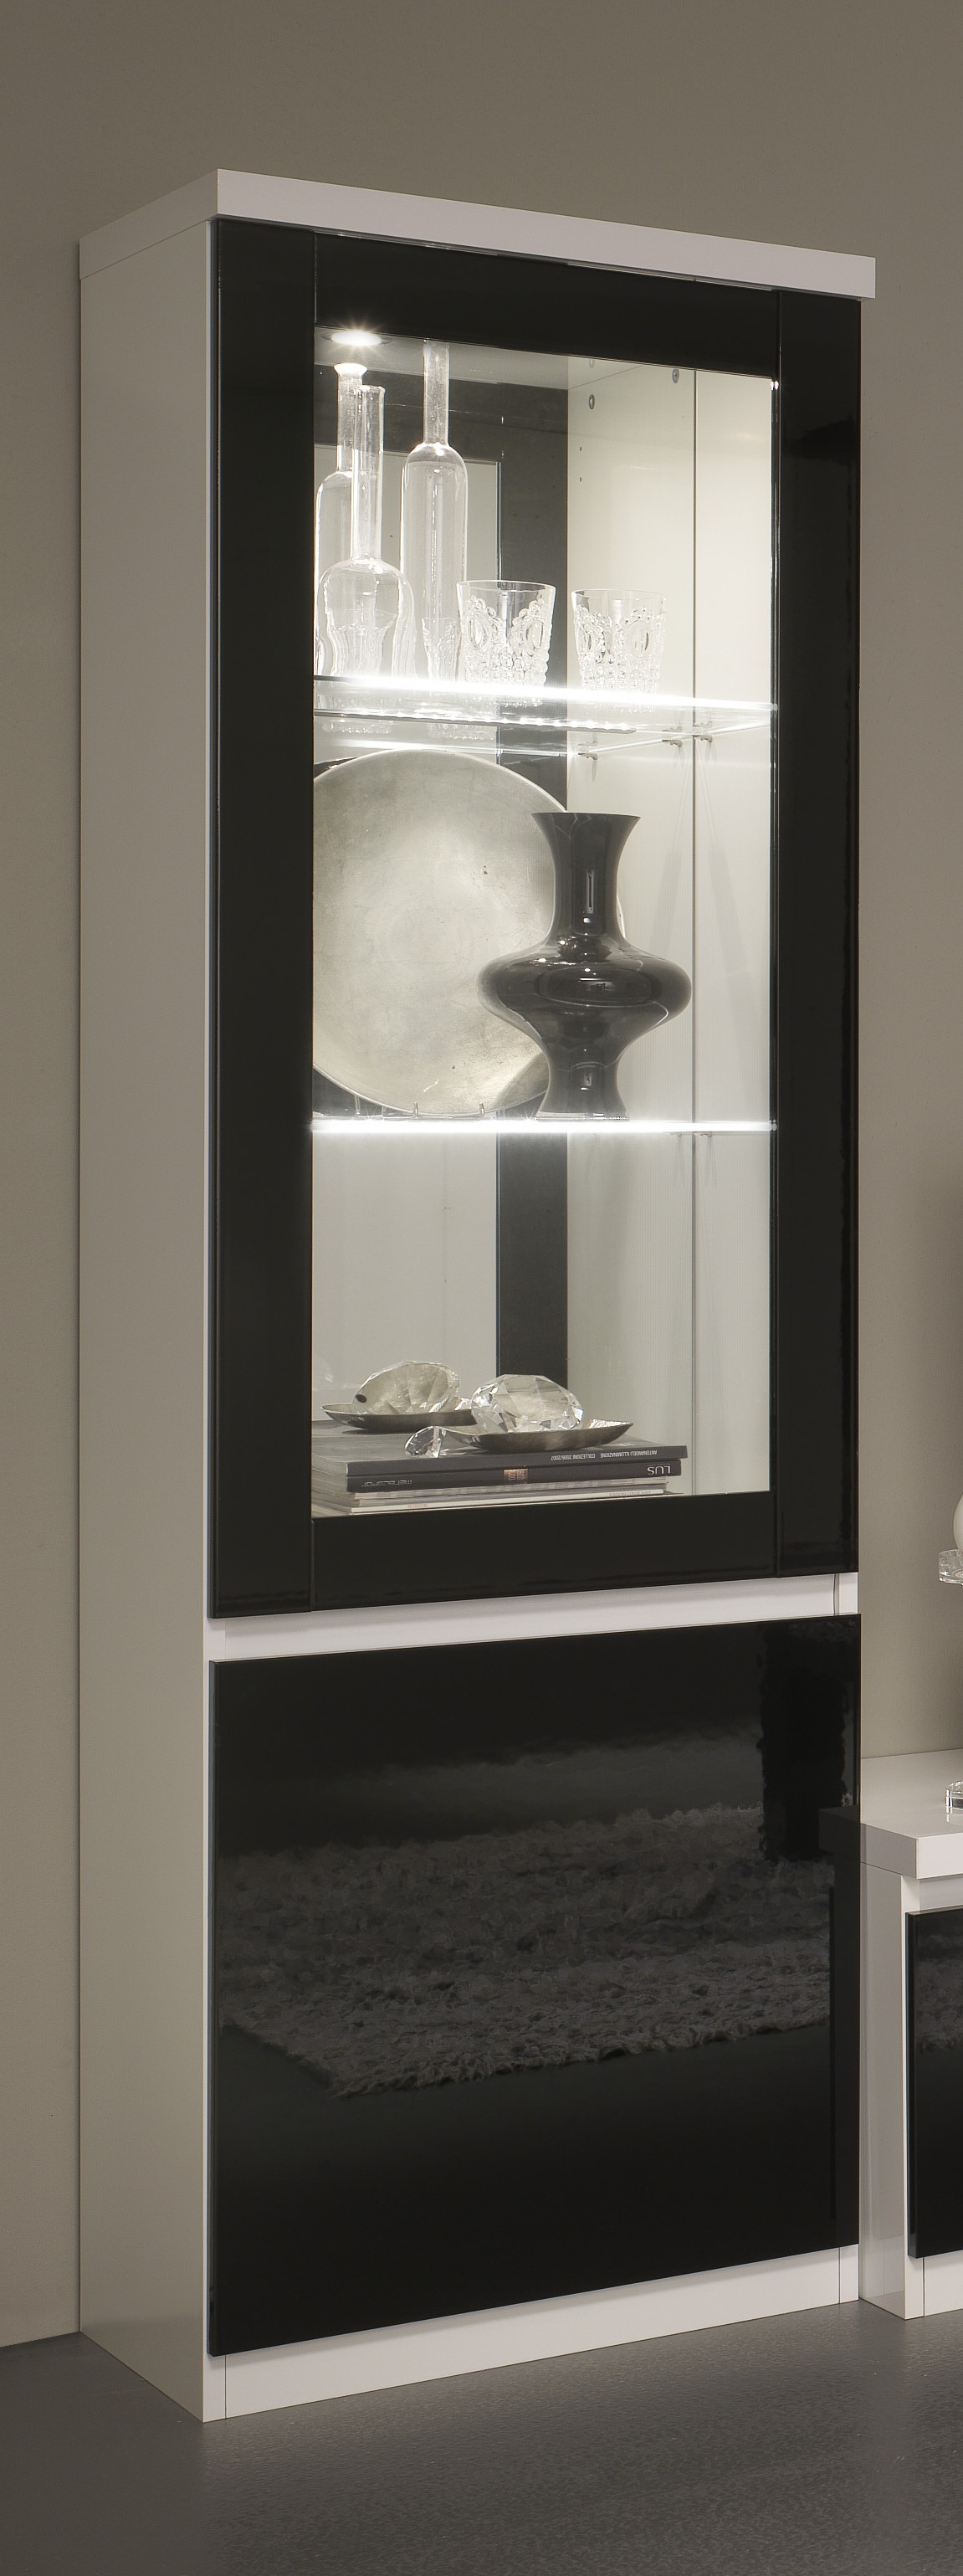 Vitrine 1 porte design laquée blanche et noire Loana